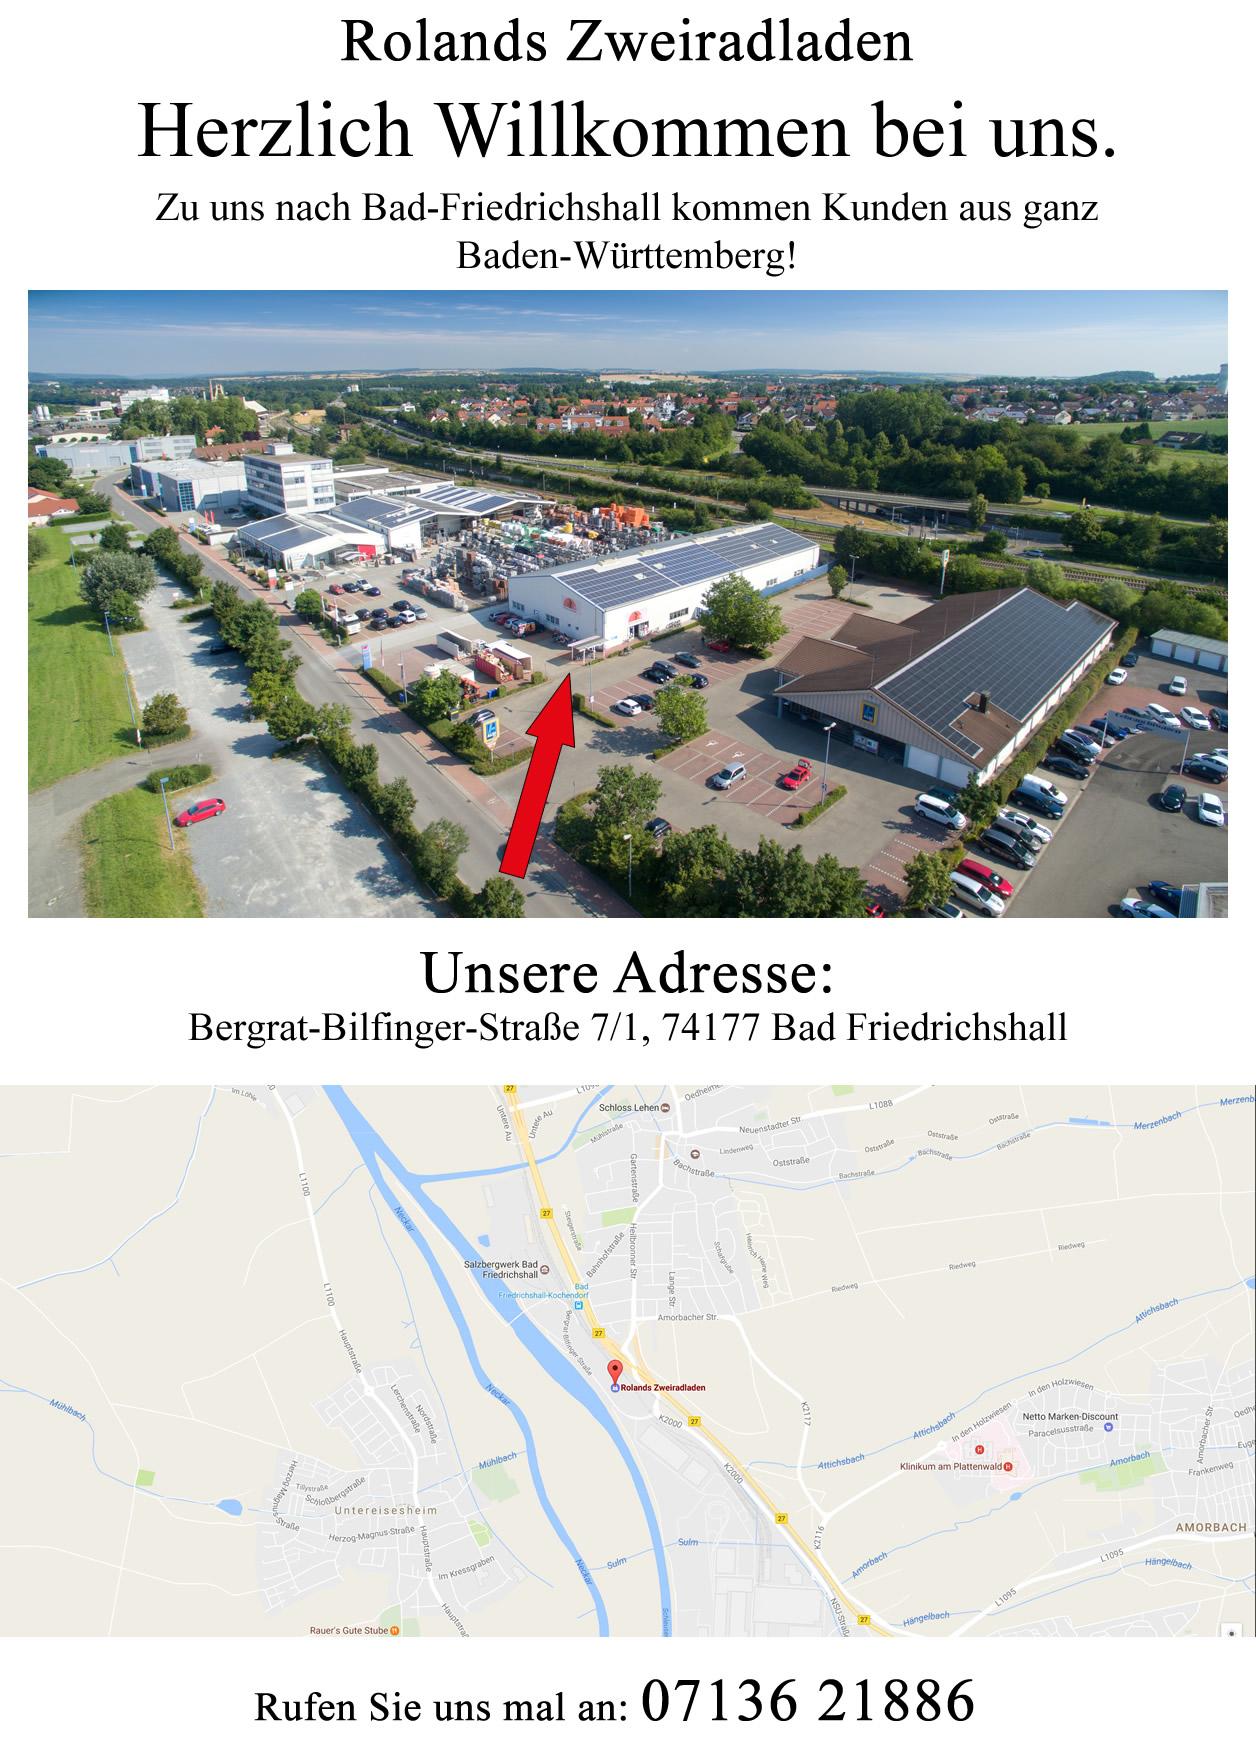 Fahrrad kaufen für 74257 Untereisesheim, Erlenbach, Leingarten, Gundelsheim, Offenau, Heilbronn, Oedheim und Neckarsulm, Bad Friedrichshall, Bad Wimpfen